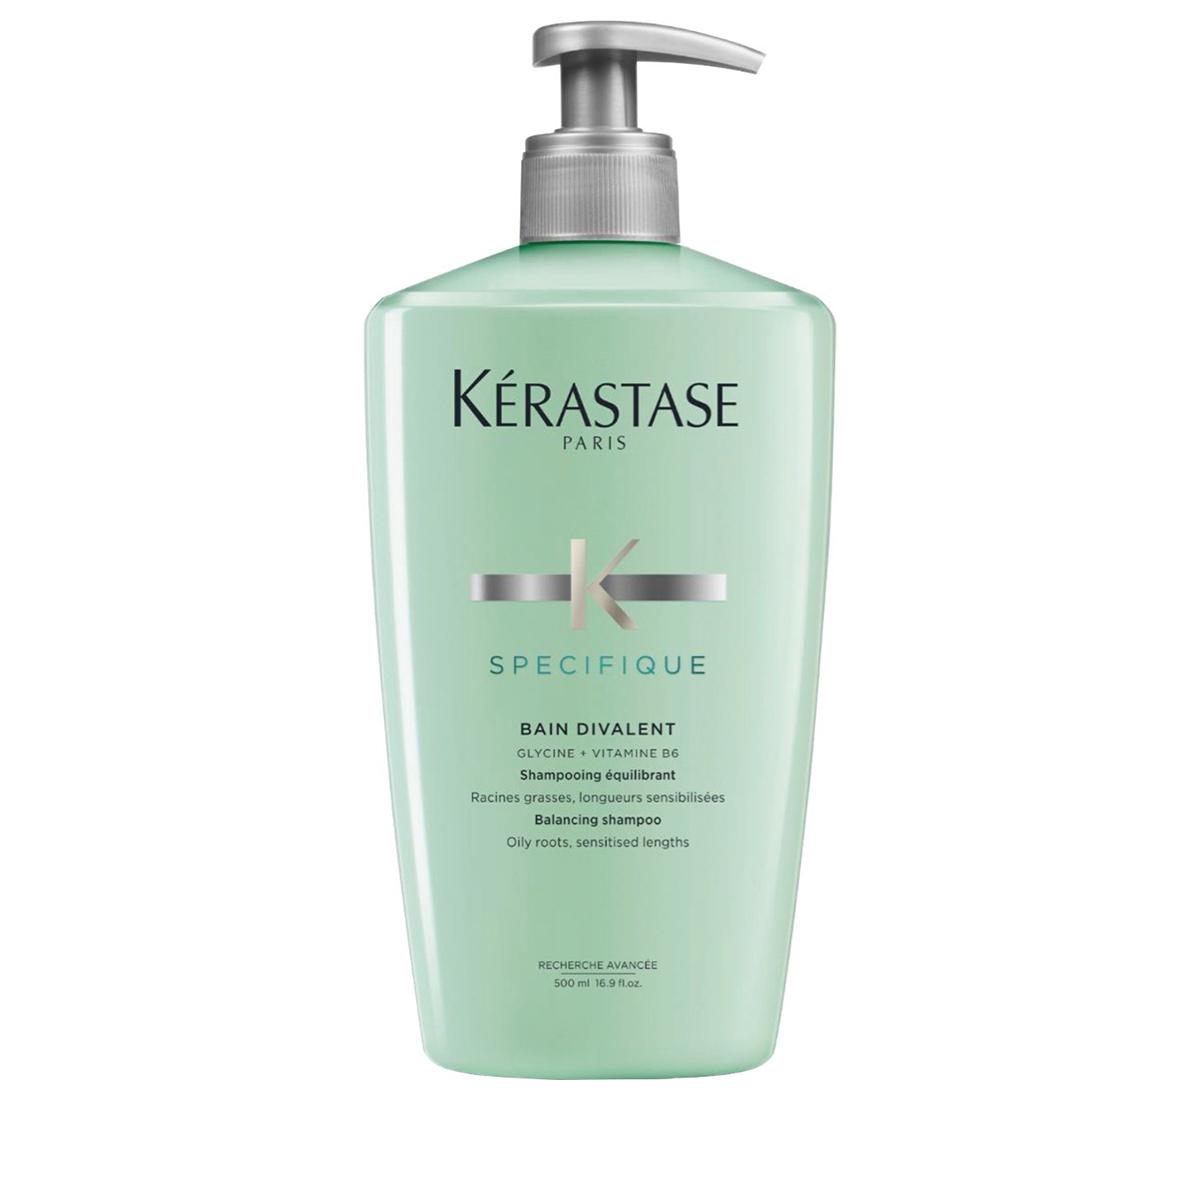 Kerastase Specifique Bain Divalent 500ml SALE